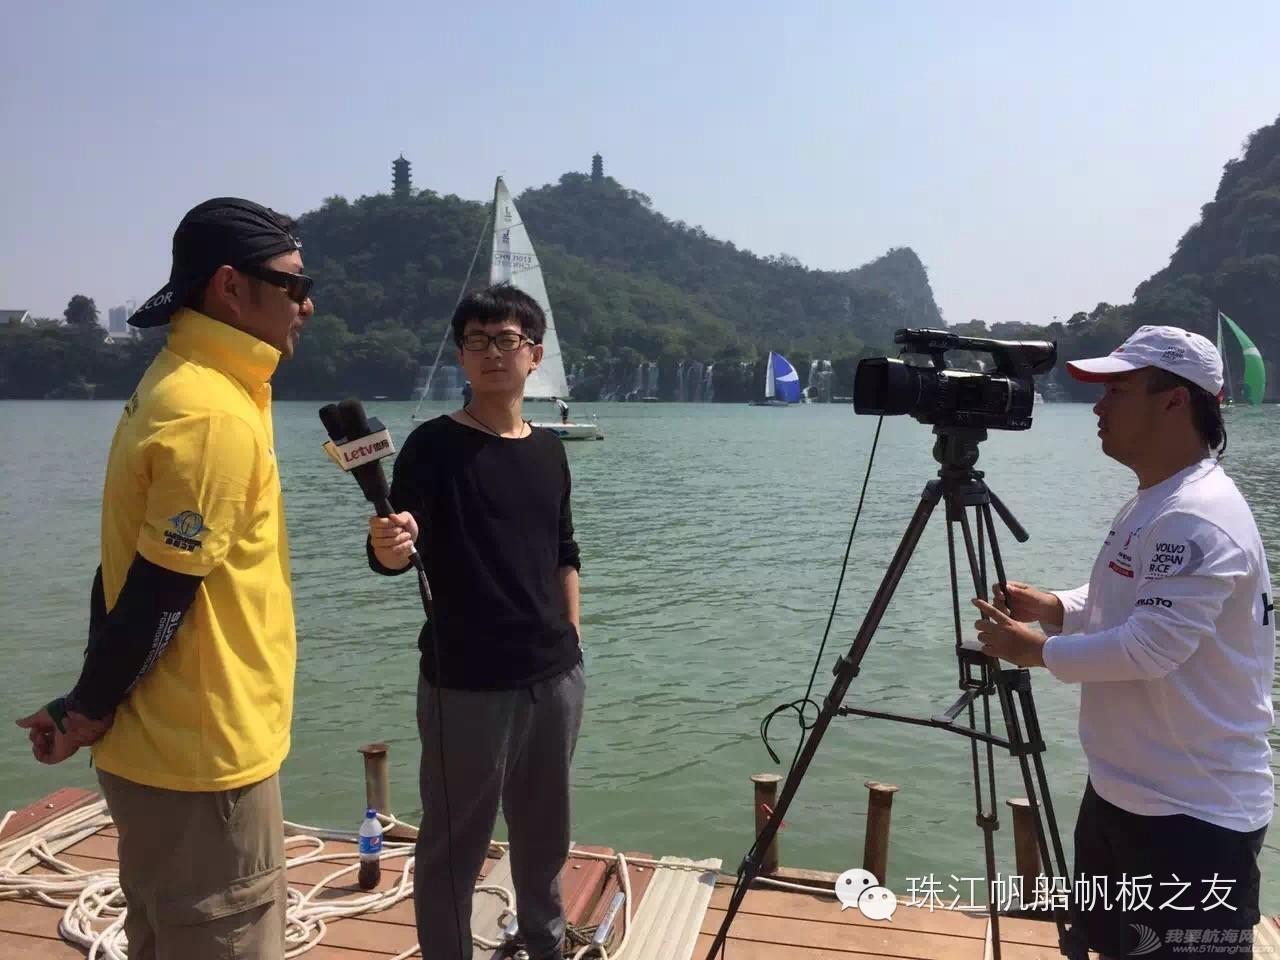 广州帆协在柳州第五届帆船赛 85ce7d185cd1a2a83690312b4fb55151.jpg